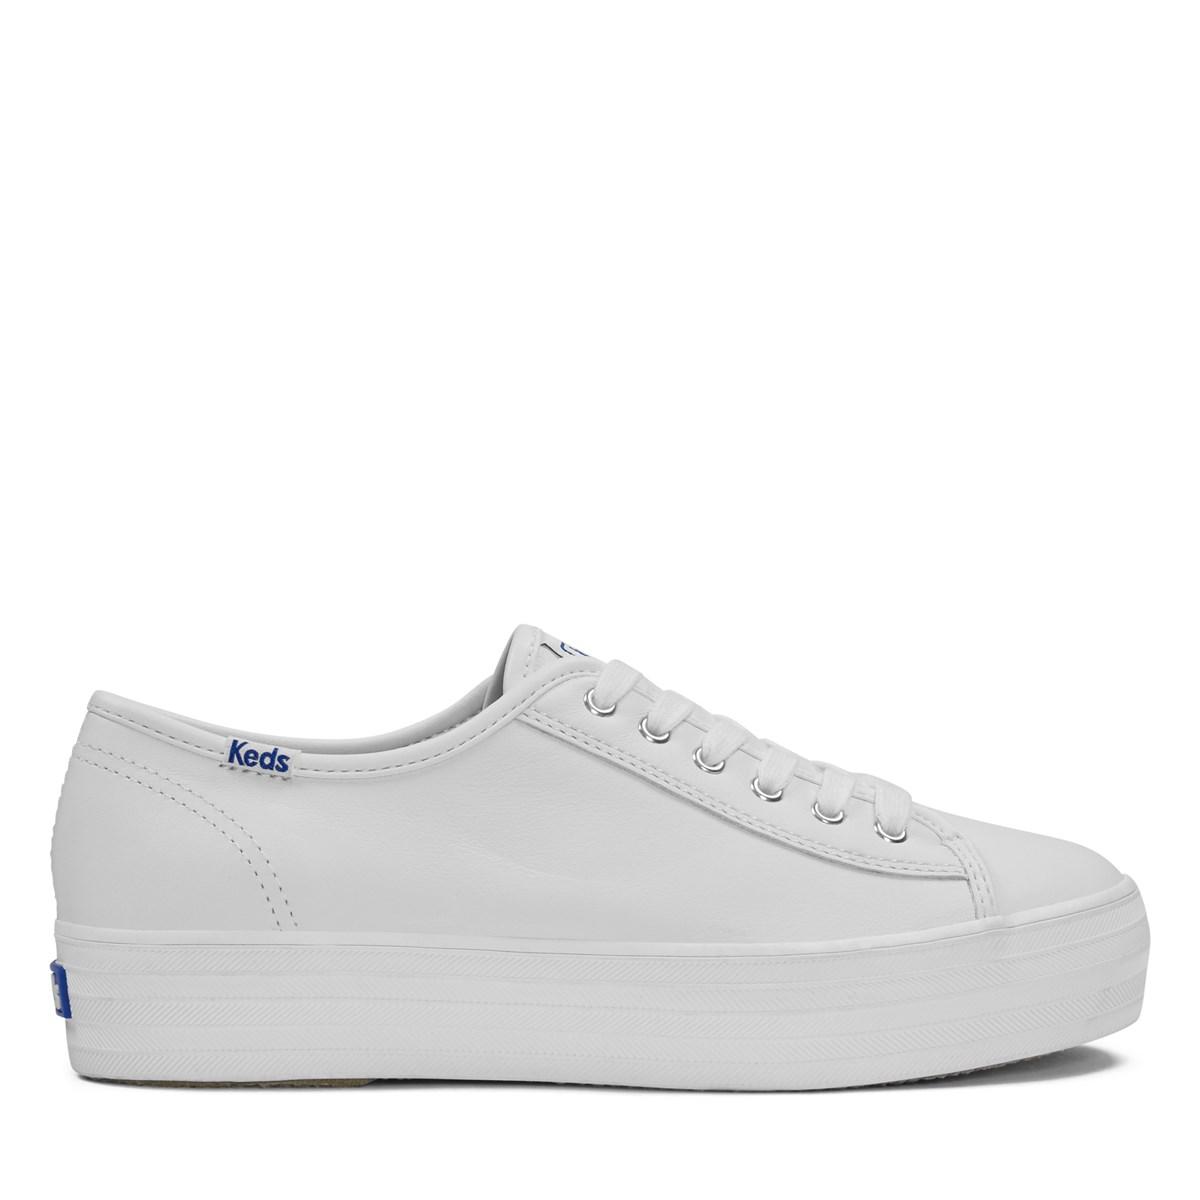 48b985c4298 Women s Triple Kick White Leather Platform Sneaker